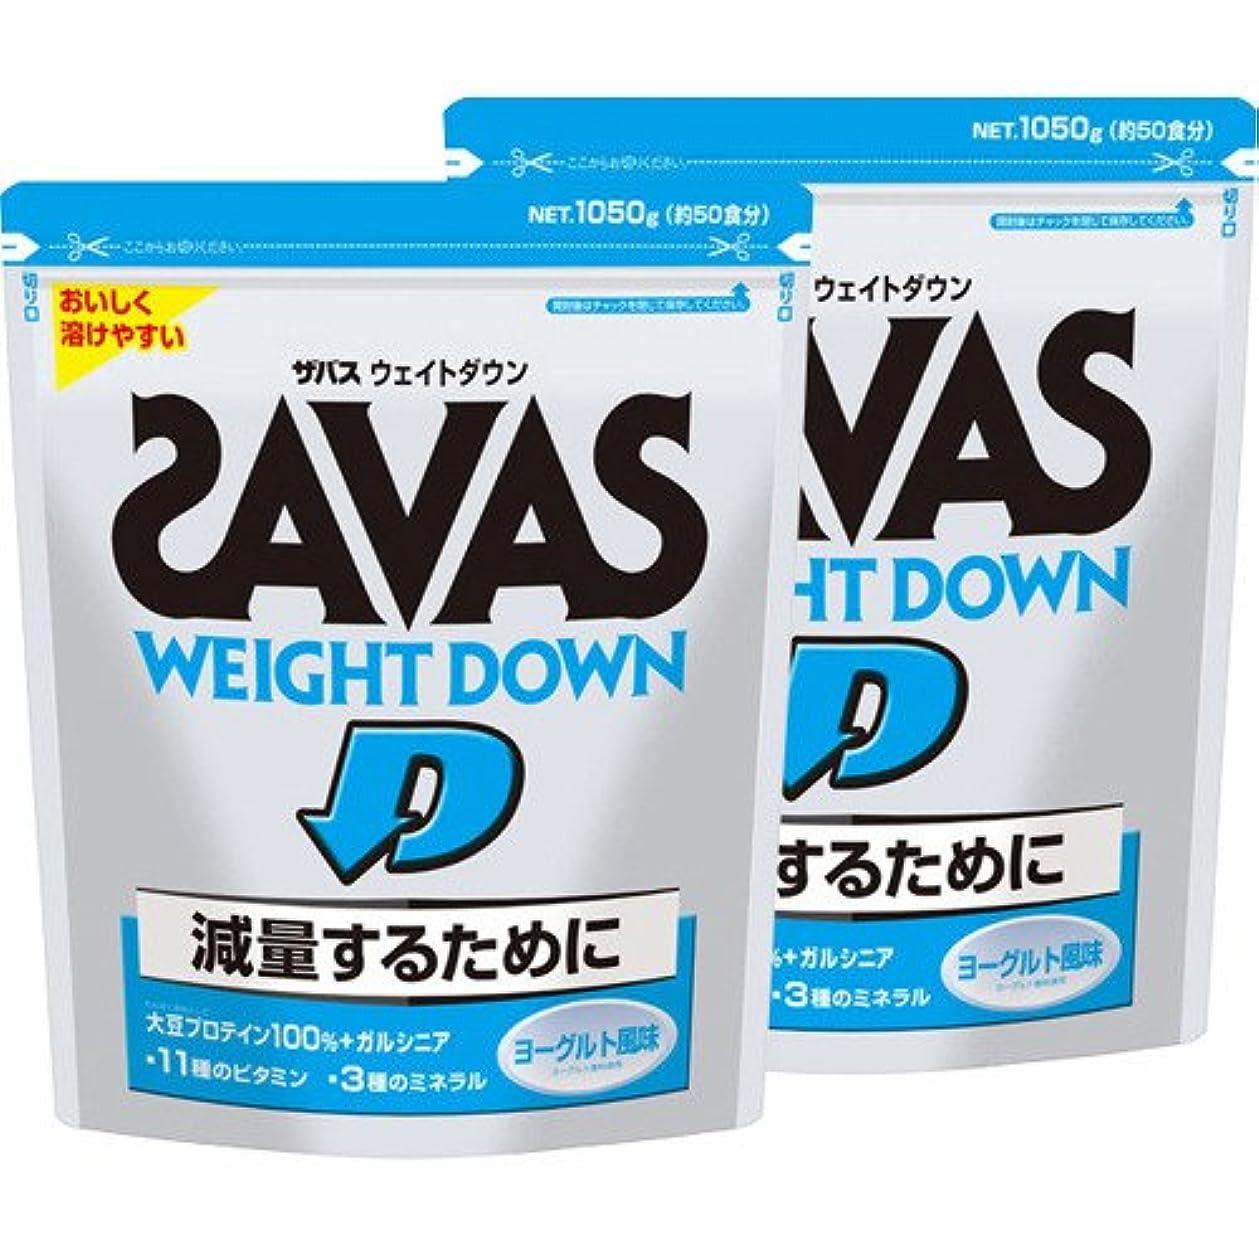 シニス売り手成熟【セット販売】ザバス ウェイトダウン ヨーグルト風味 1050g×2袋